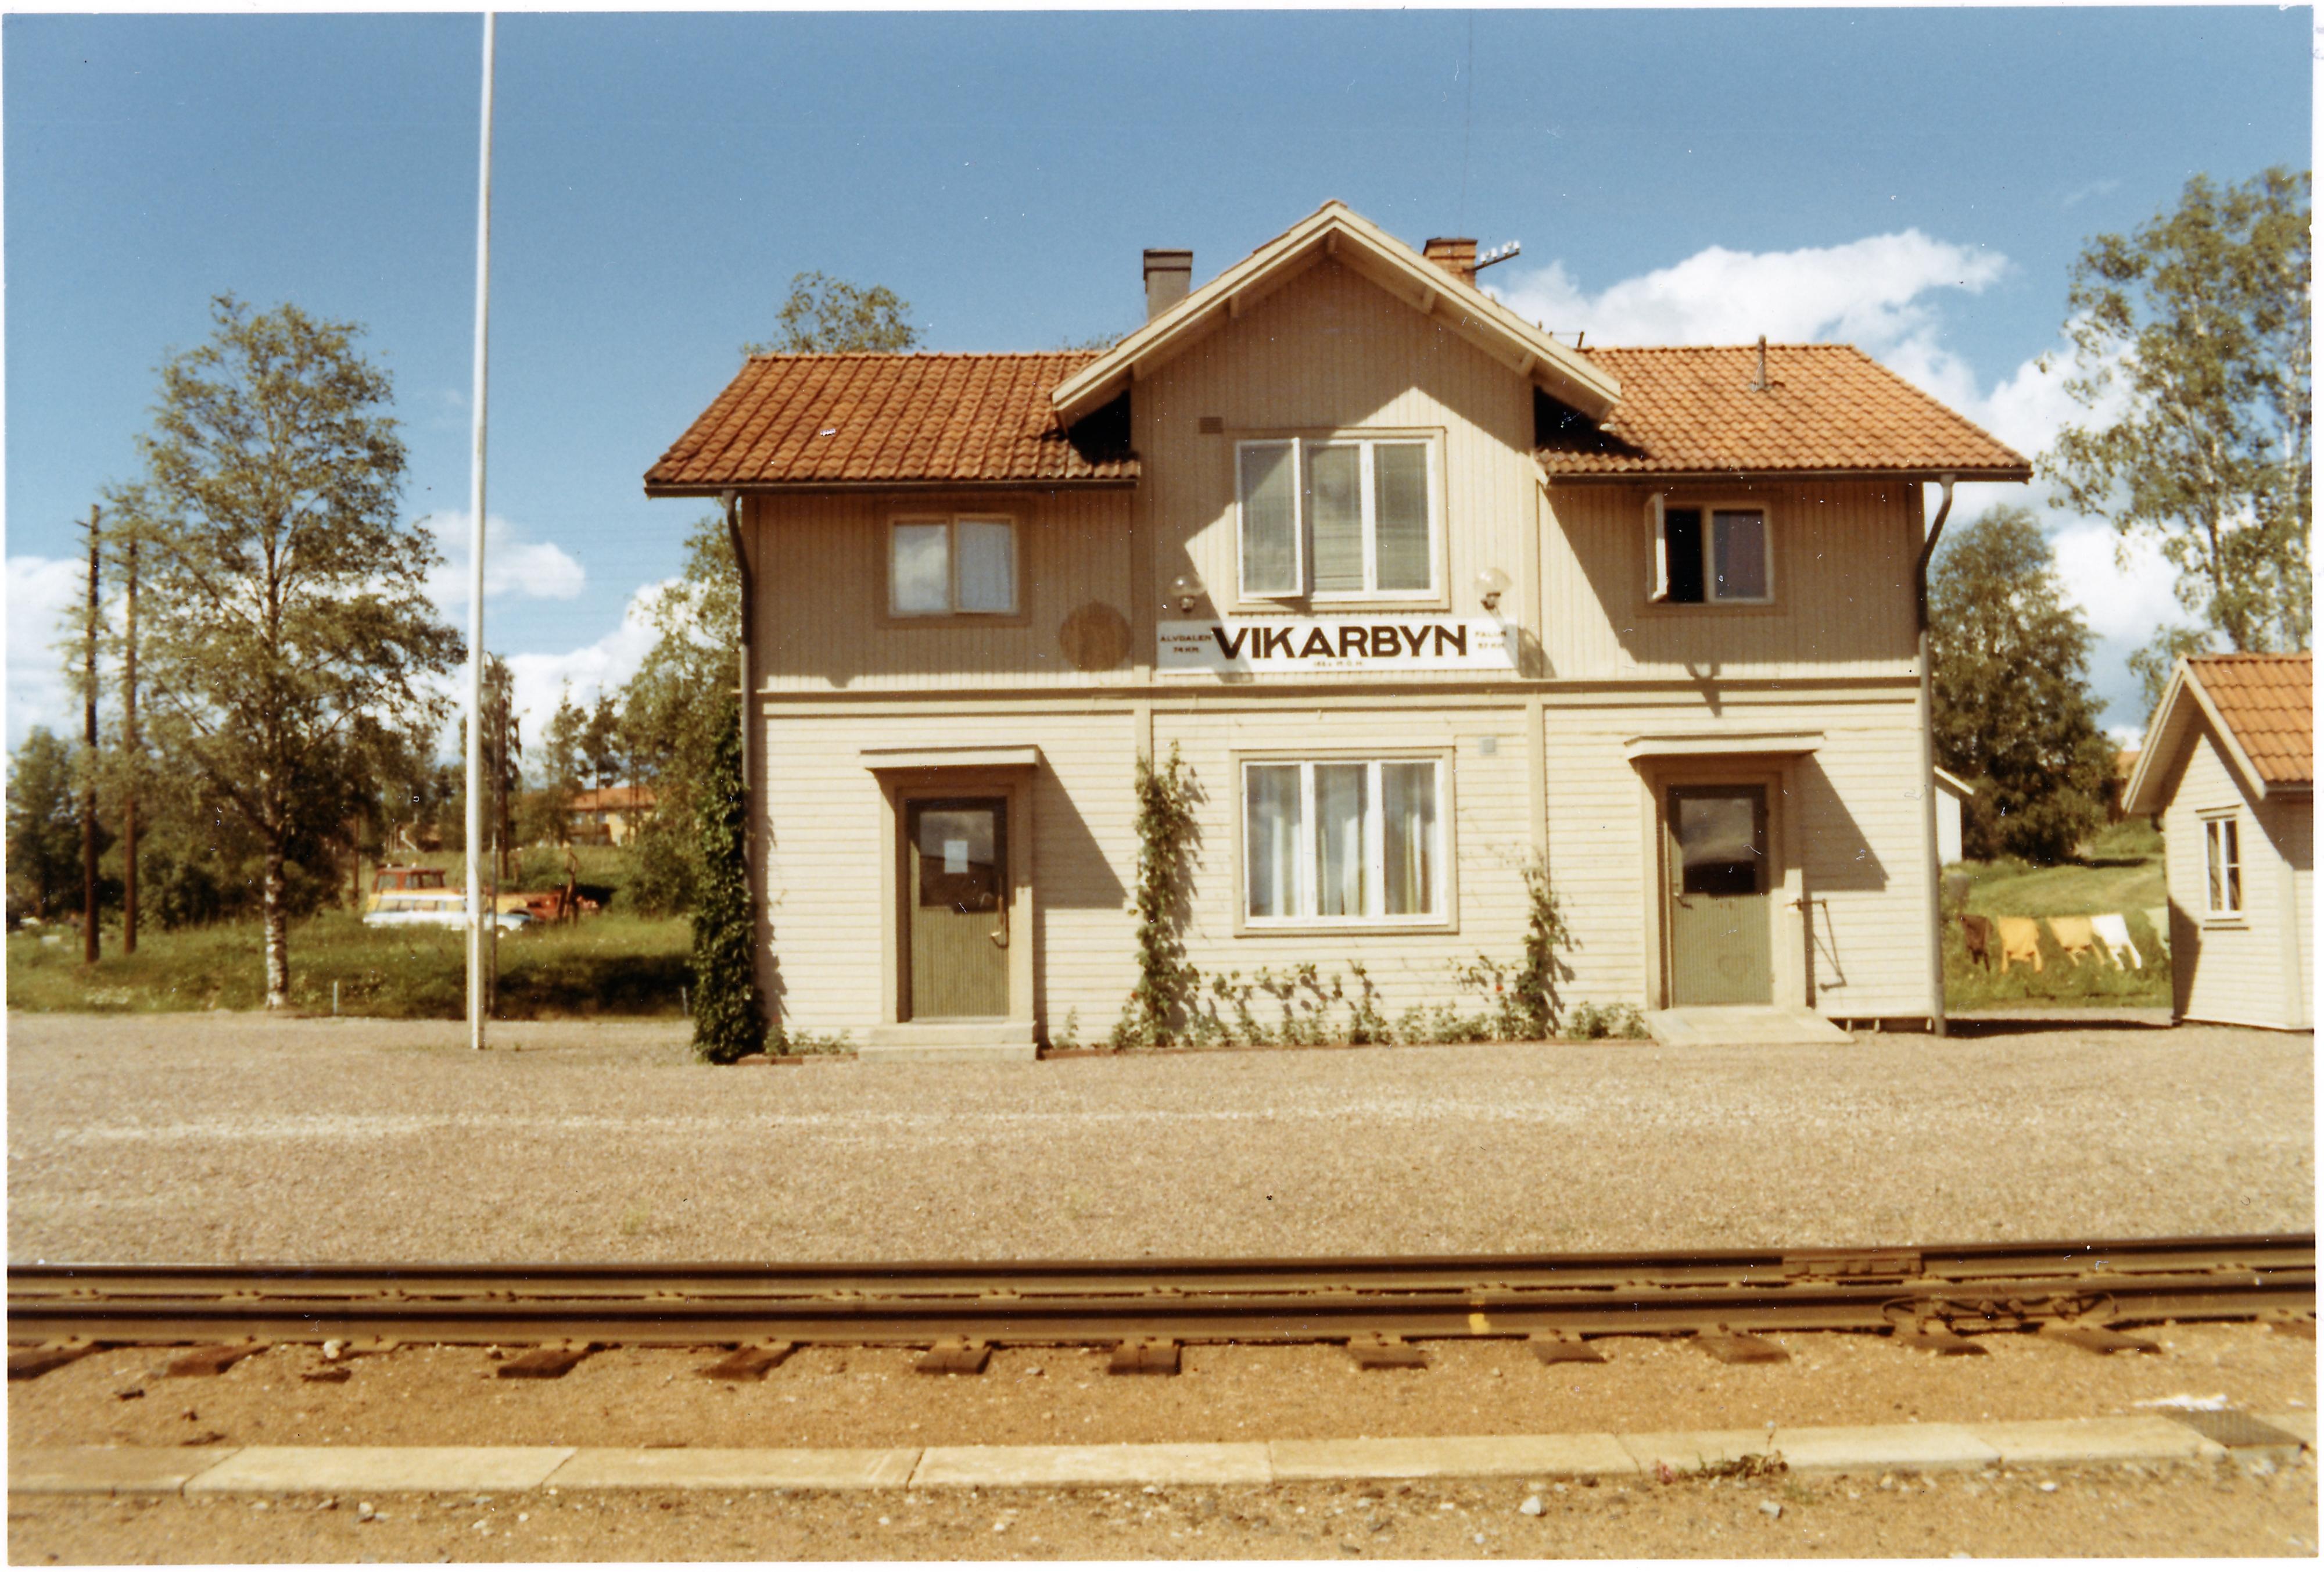 R304 ja, Vikarbyn, Rttvik, Cabins & apartments, Vikarbyn